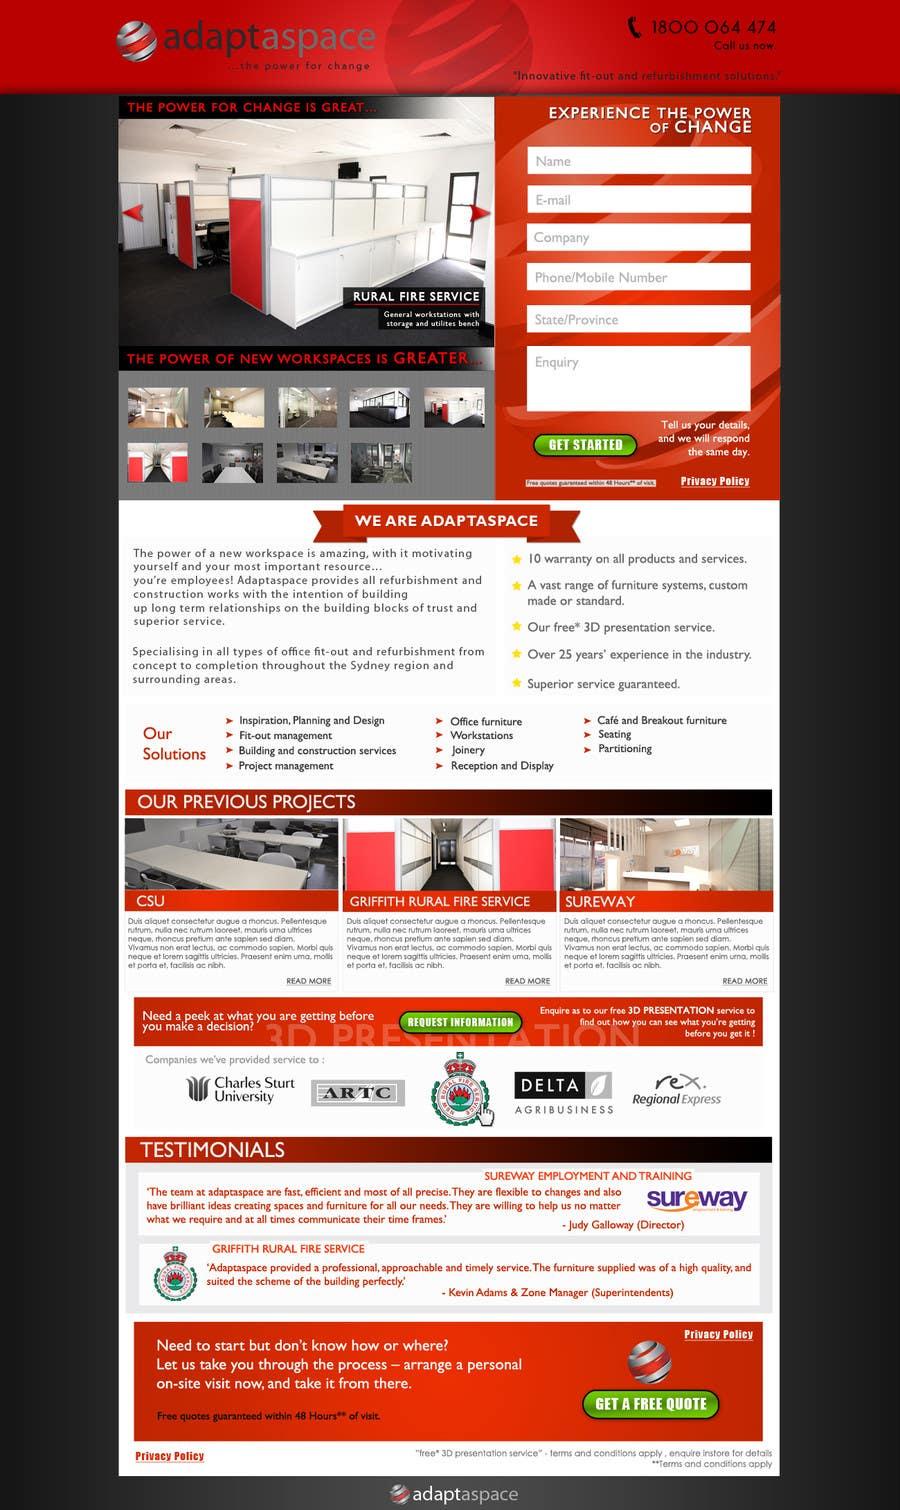 Konkurrenceindlæg #                                        32                                      for                                         Graphic Design for Landing Page